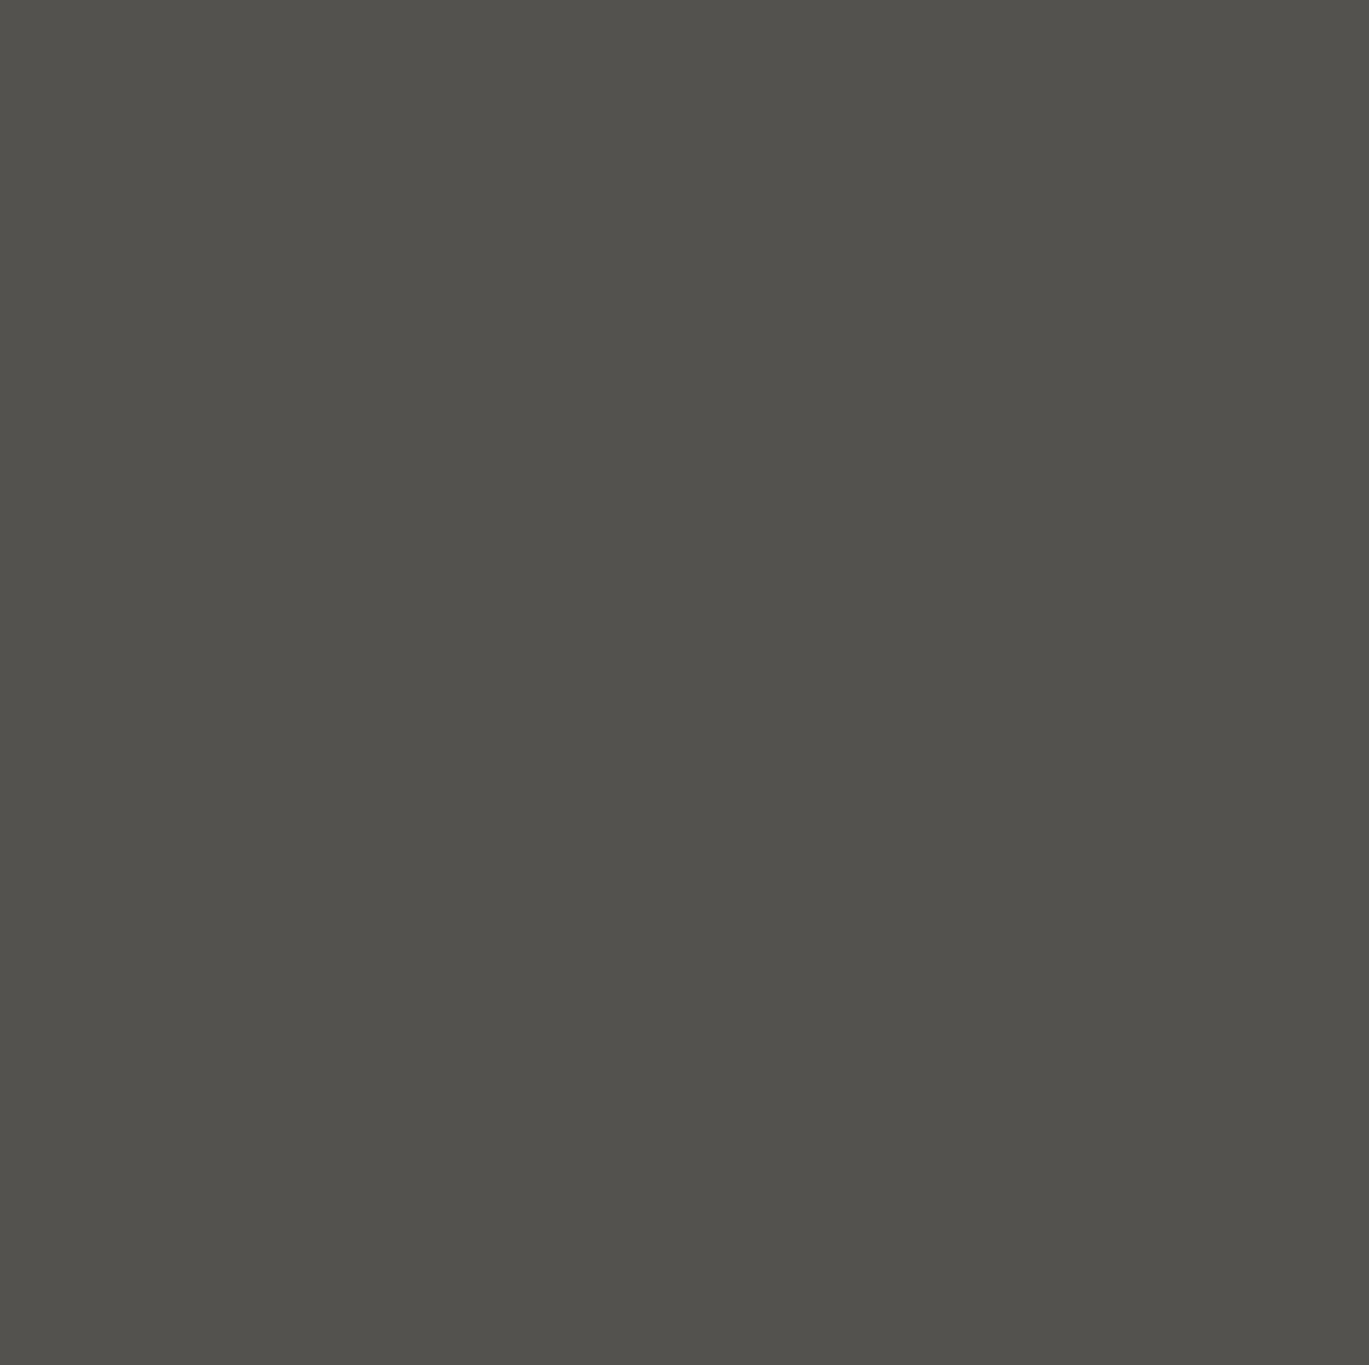 Павел Третьяков. Искусство принадлежит народу. Галерея 1. Мечта детства